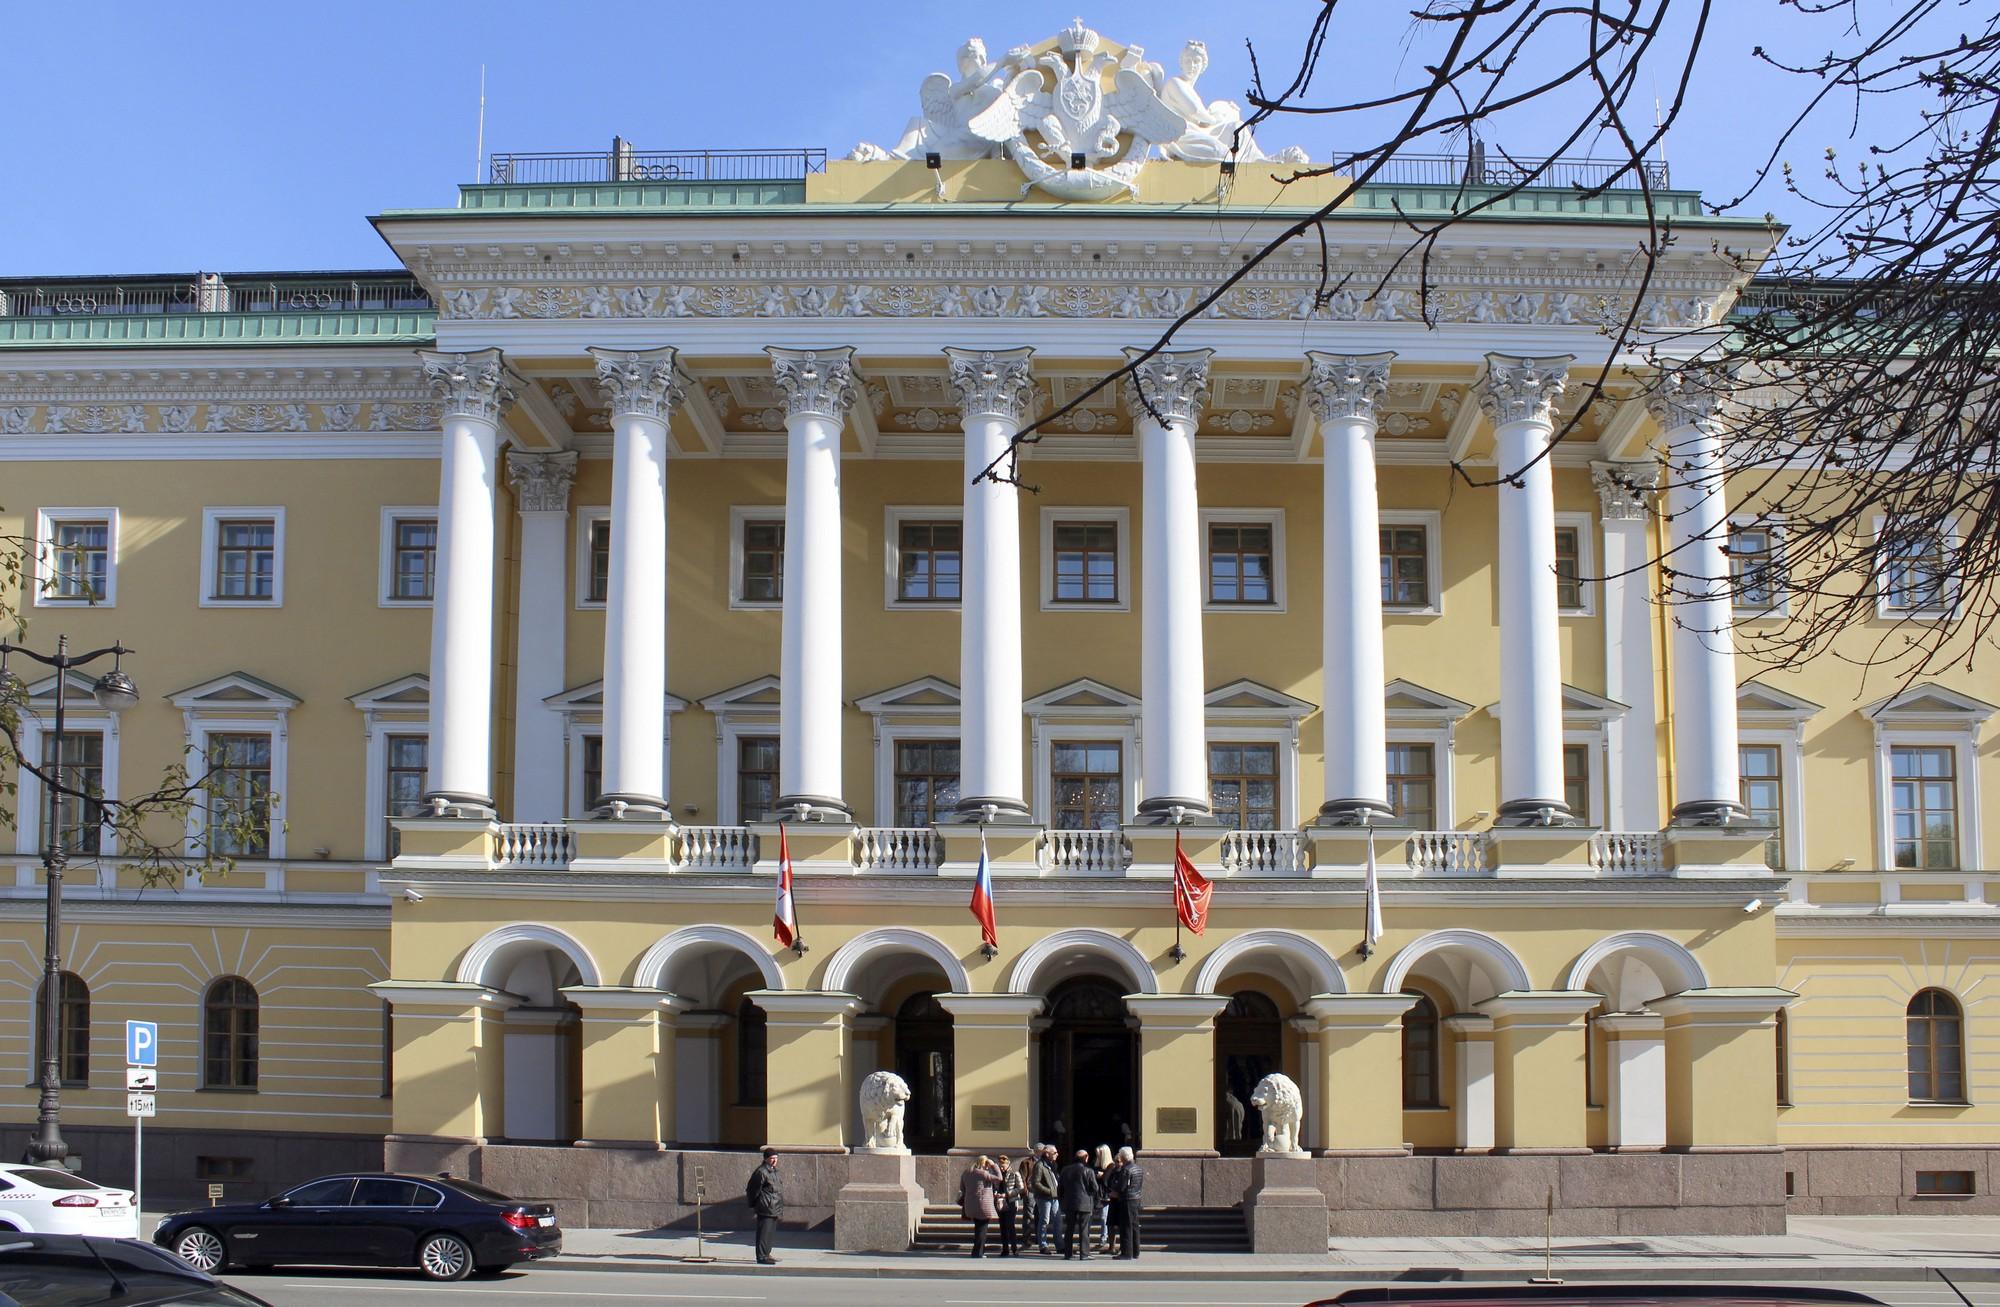 Главный фасад «дома со львами», обращённый в сторону Адмиралтейства. Фото: В.П.Столбова.